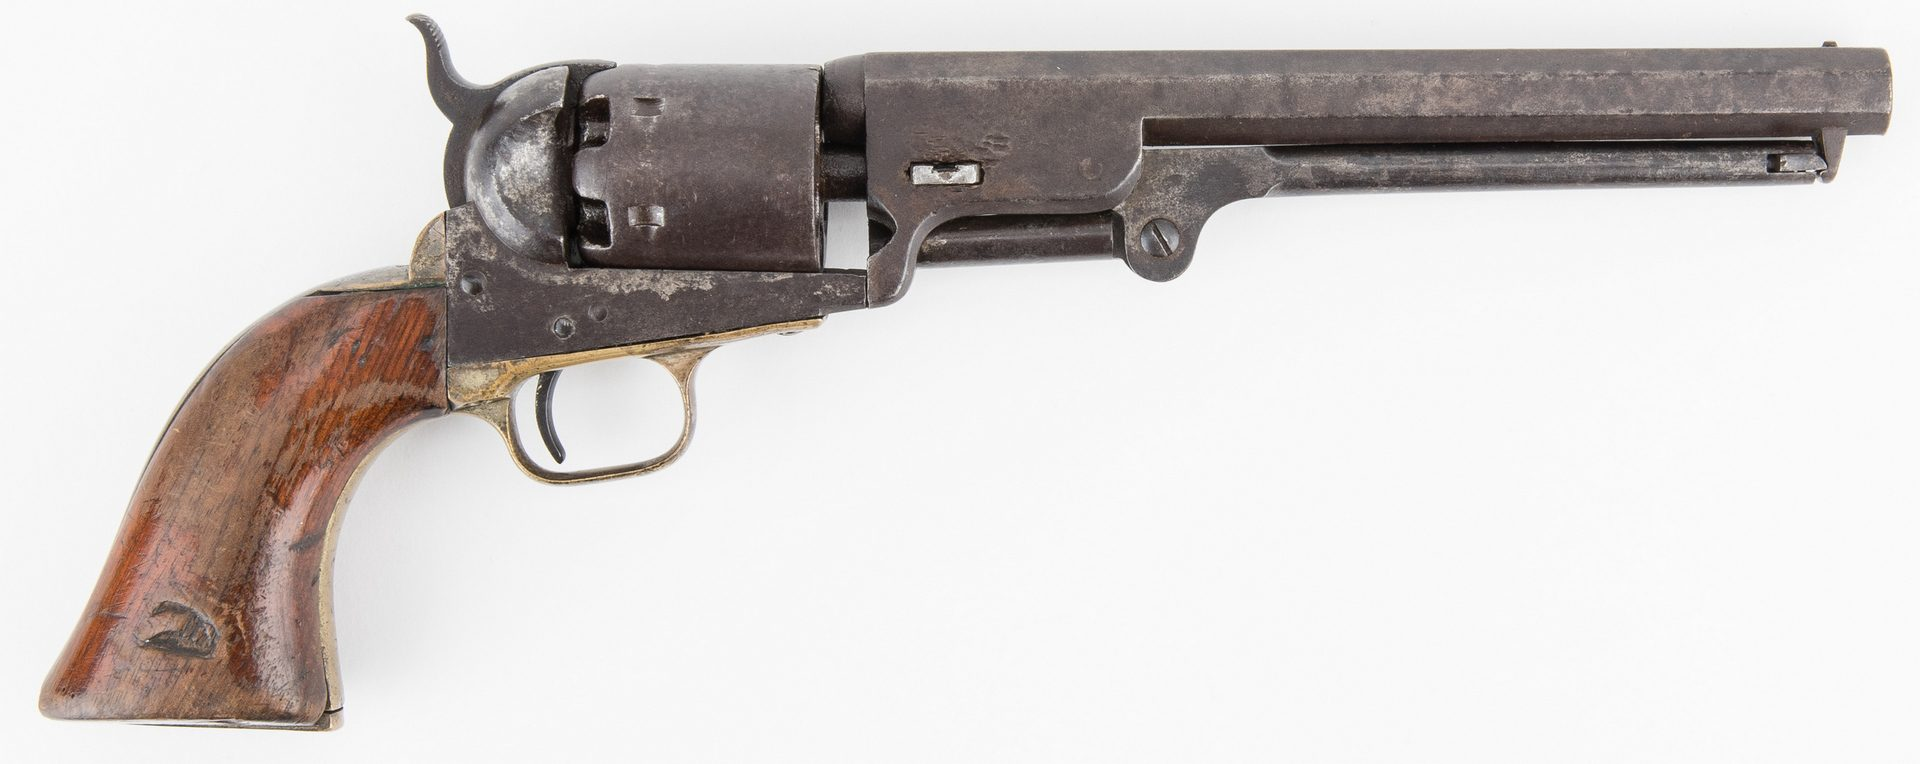 Lot 315: Colt Model 1851 Navy Revolver, .36 Caliber